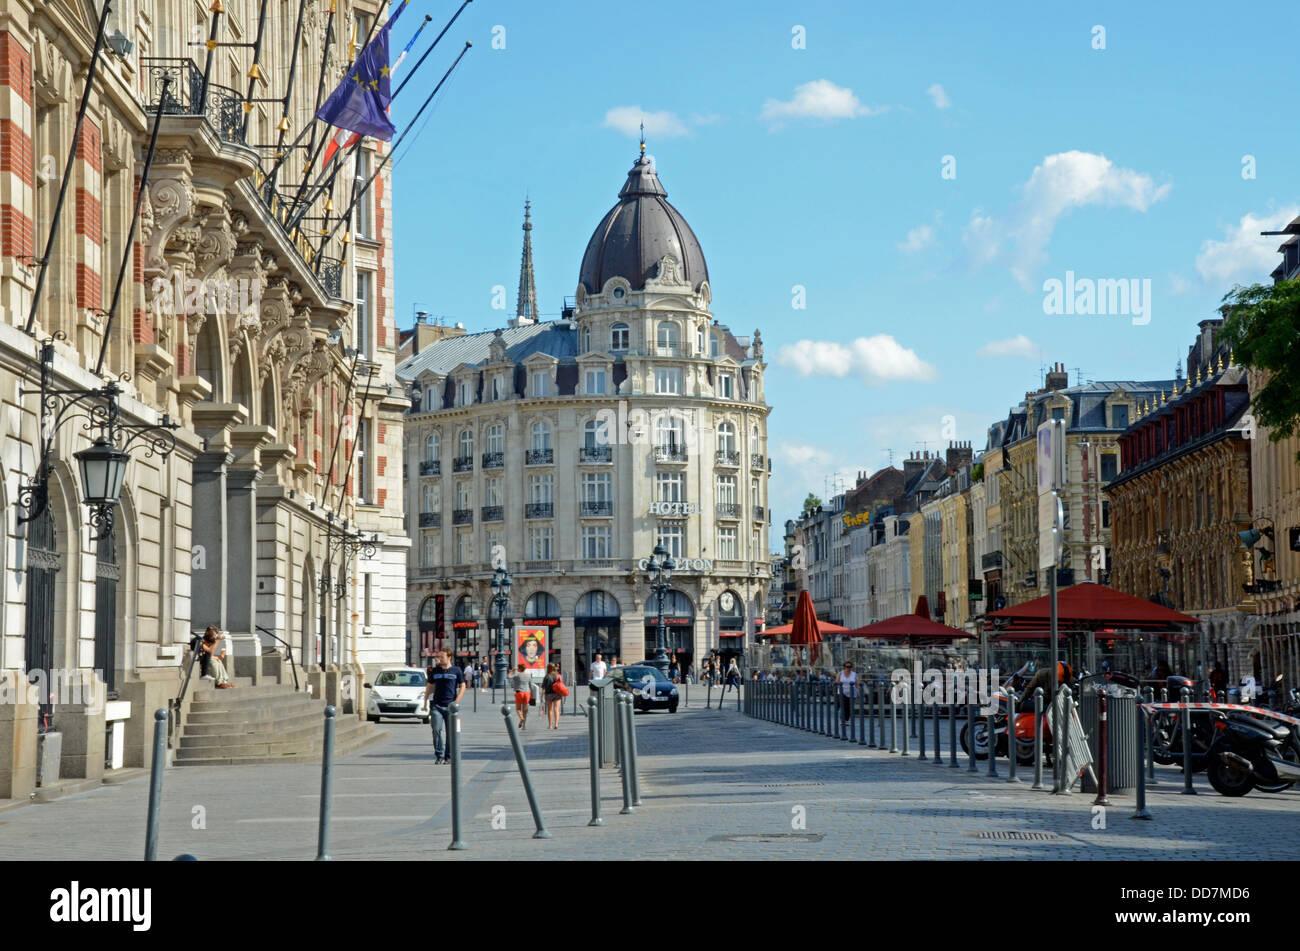 Place du Theatre, Old Town, Lille, Francia Imagen De Stock